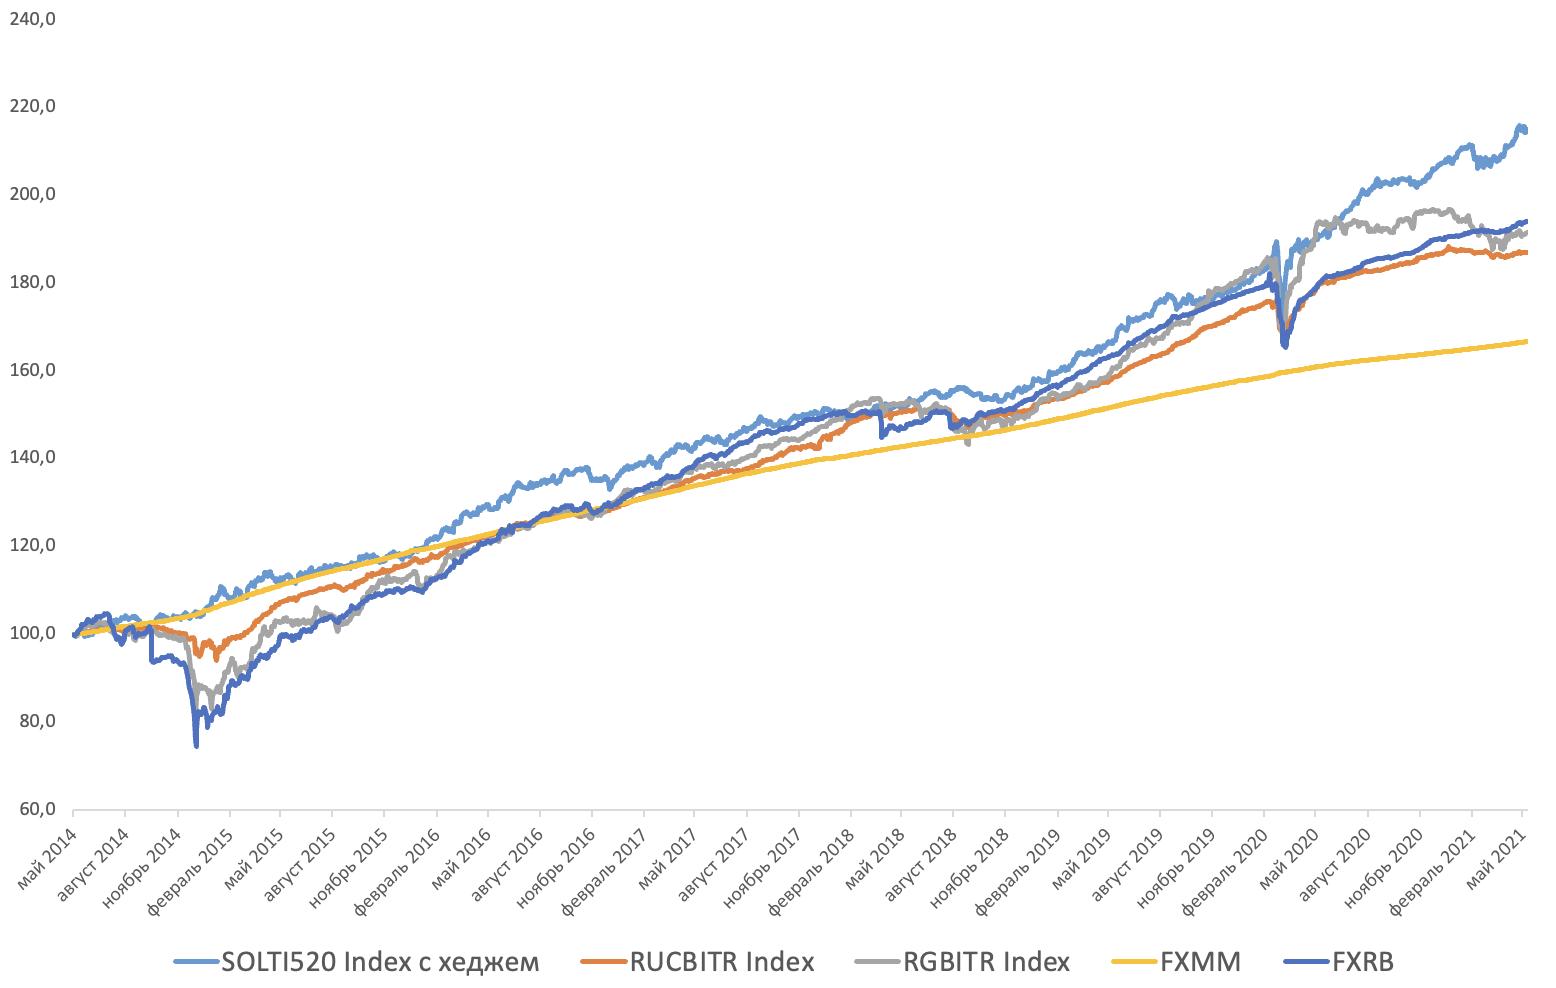 Историческая динамика расчетного бенчмарка FXIP с альтернативами